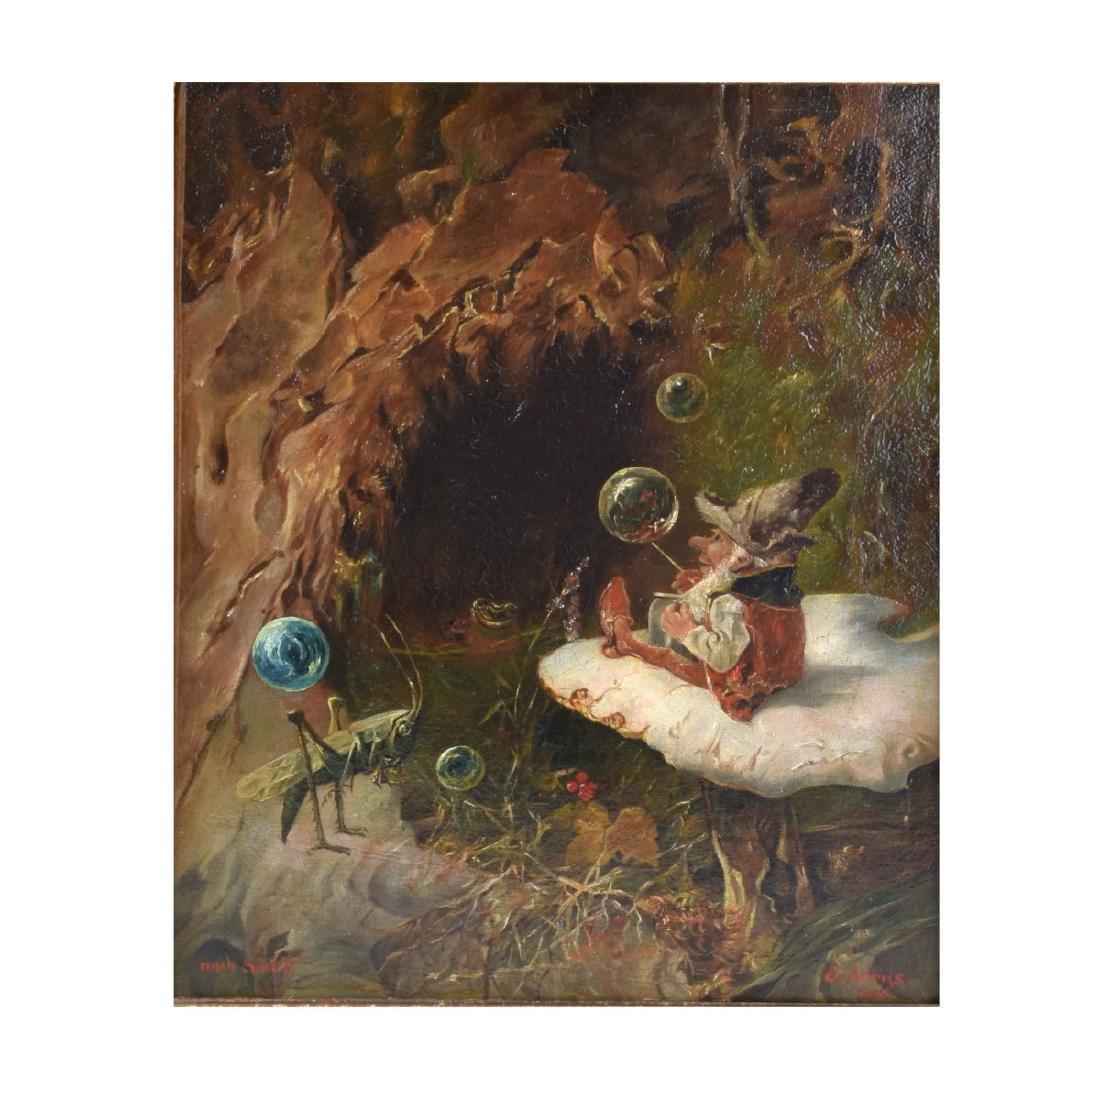 Heinrich Schlitt (1849 - 1923) Oil on Canvas